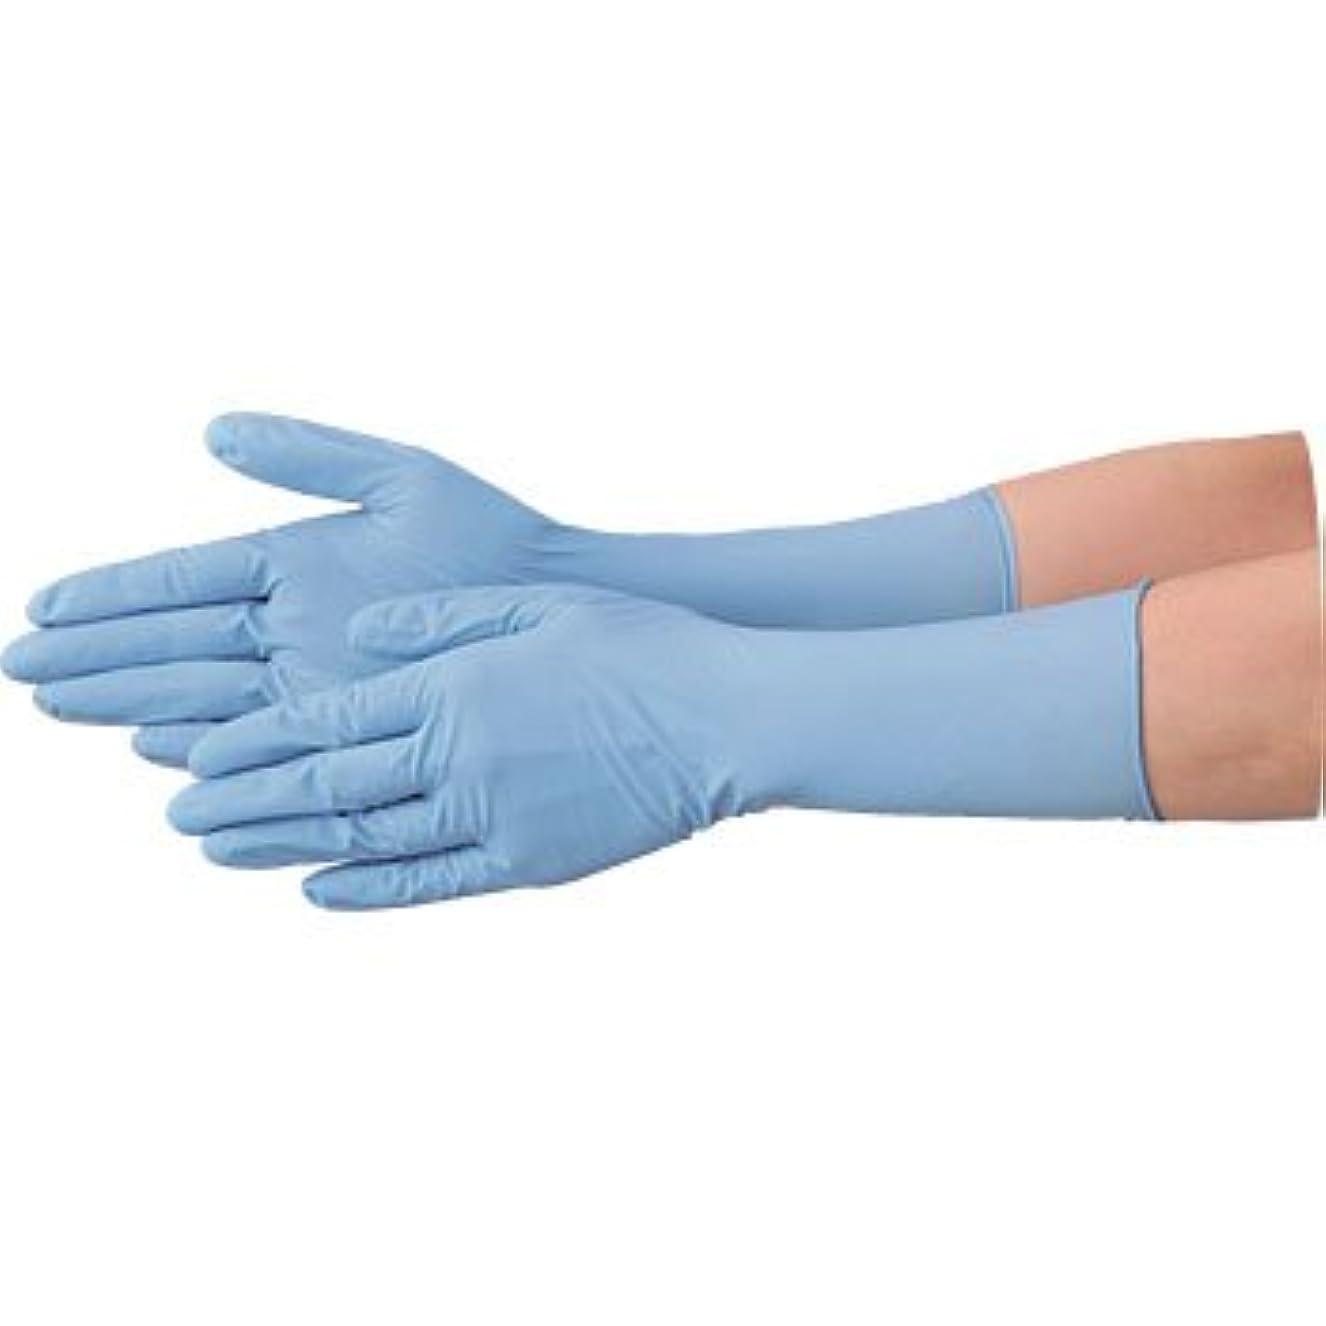 疑問に思う人口許す使い捨て 手袋 エブノ 528 ニトリル ロング手袋 パウダーフリー 全長29cm ブルー Sサイズ 2ケース(100枚×40箱)